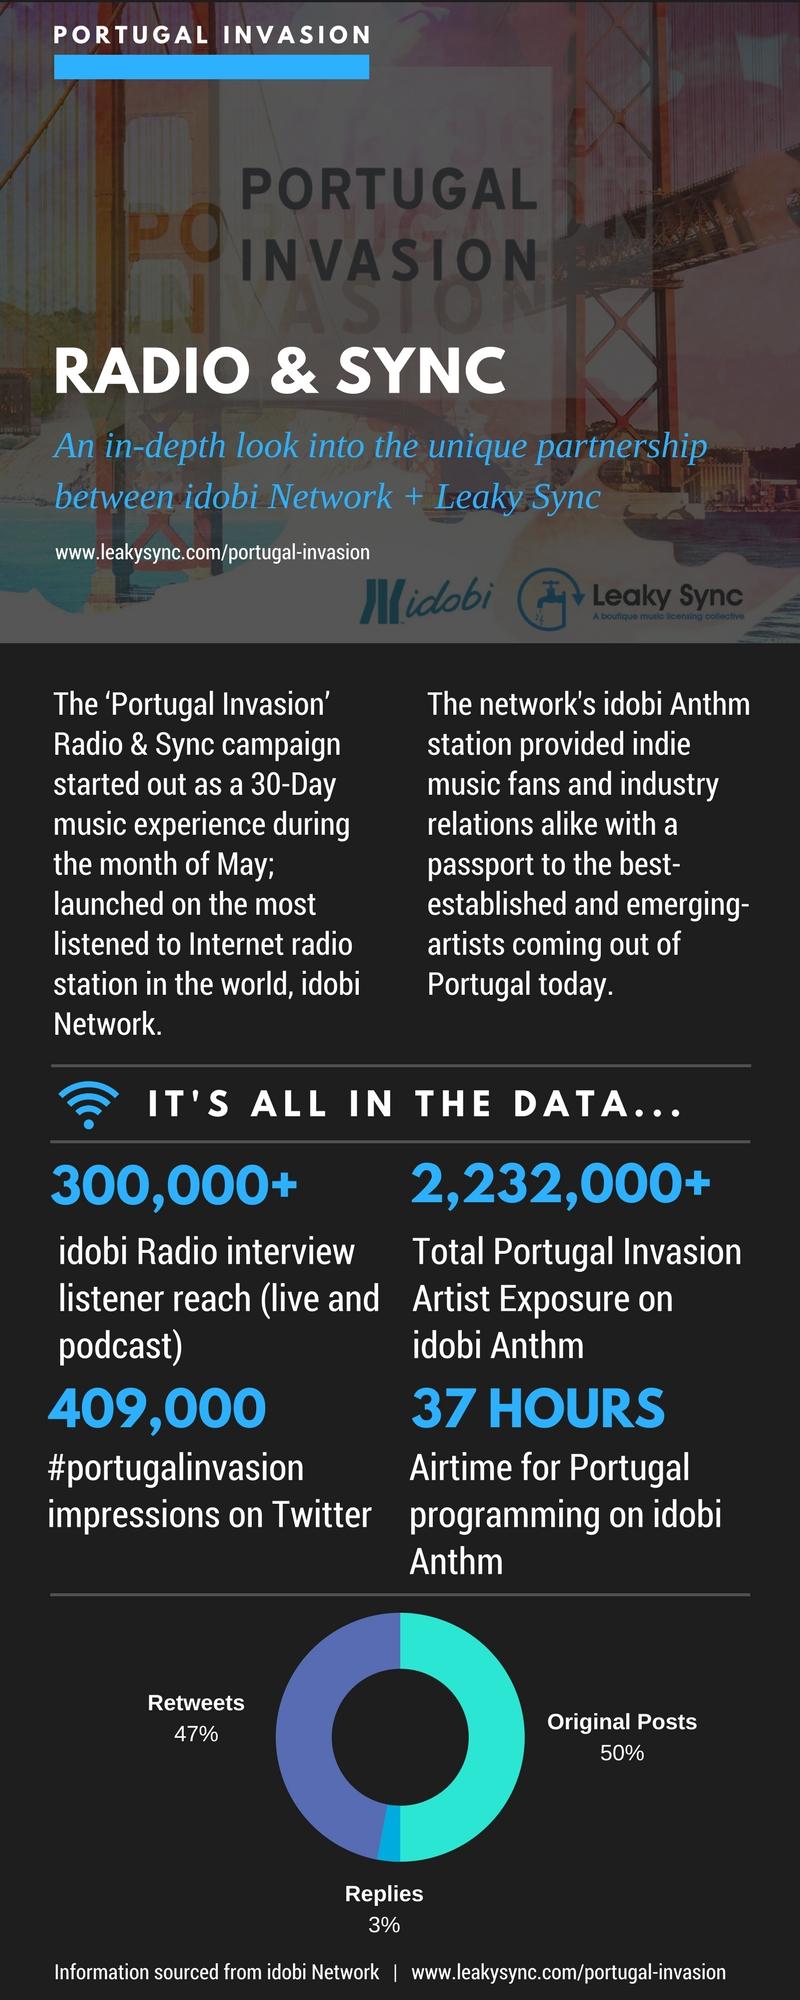 RADIO & SYNC INFOGRAPHIC